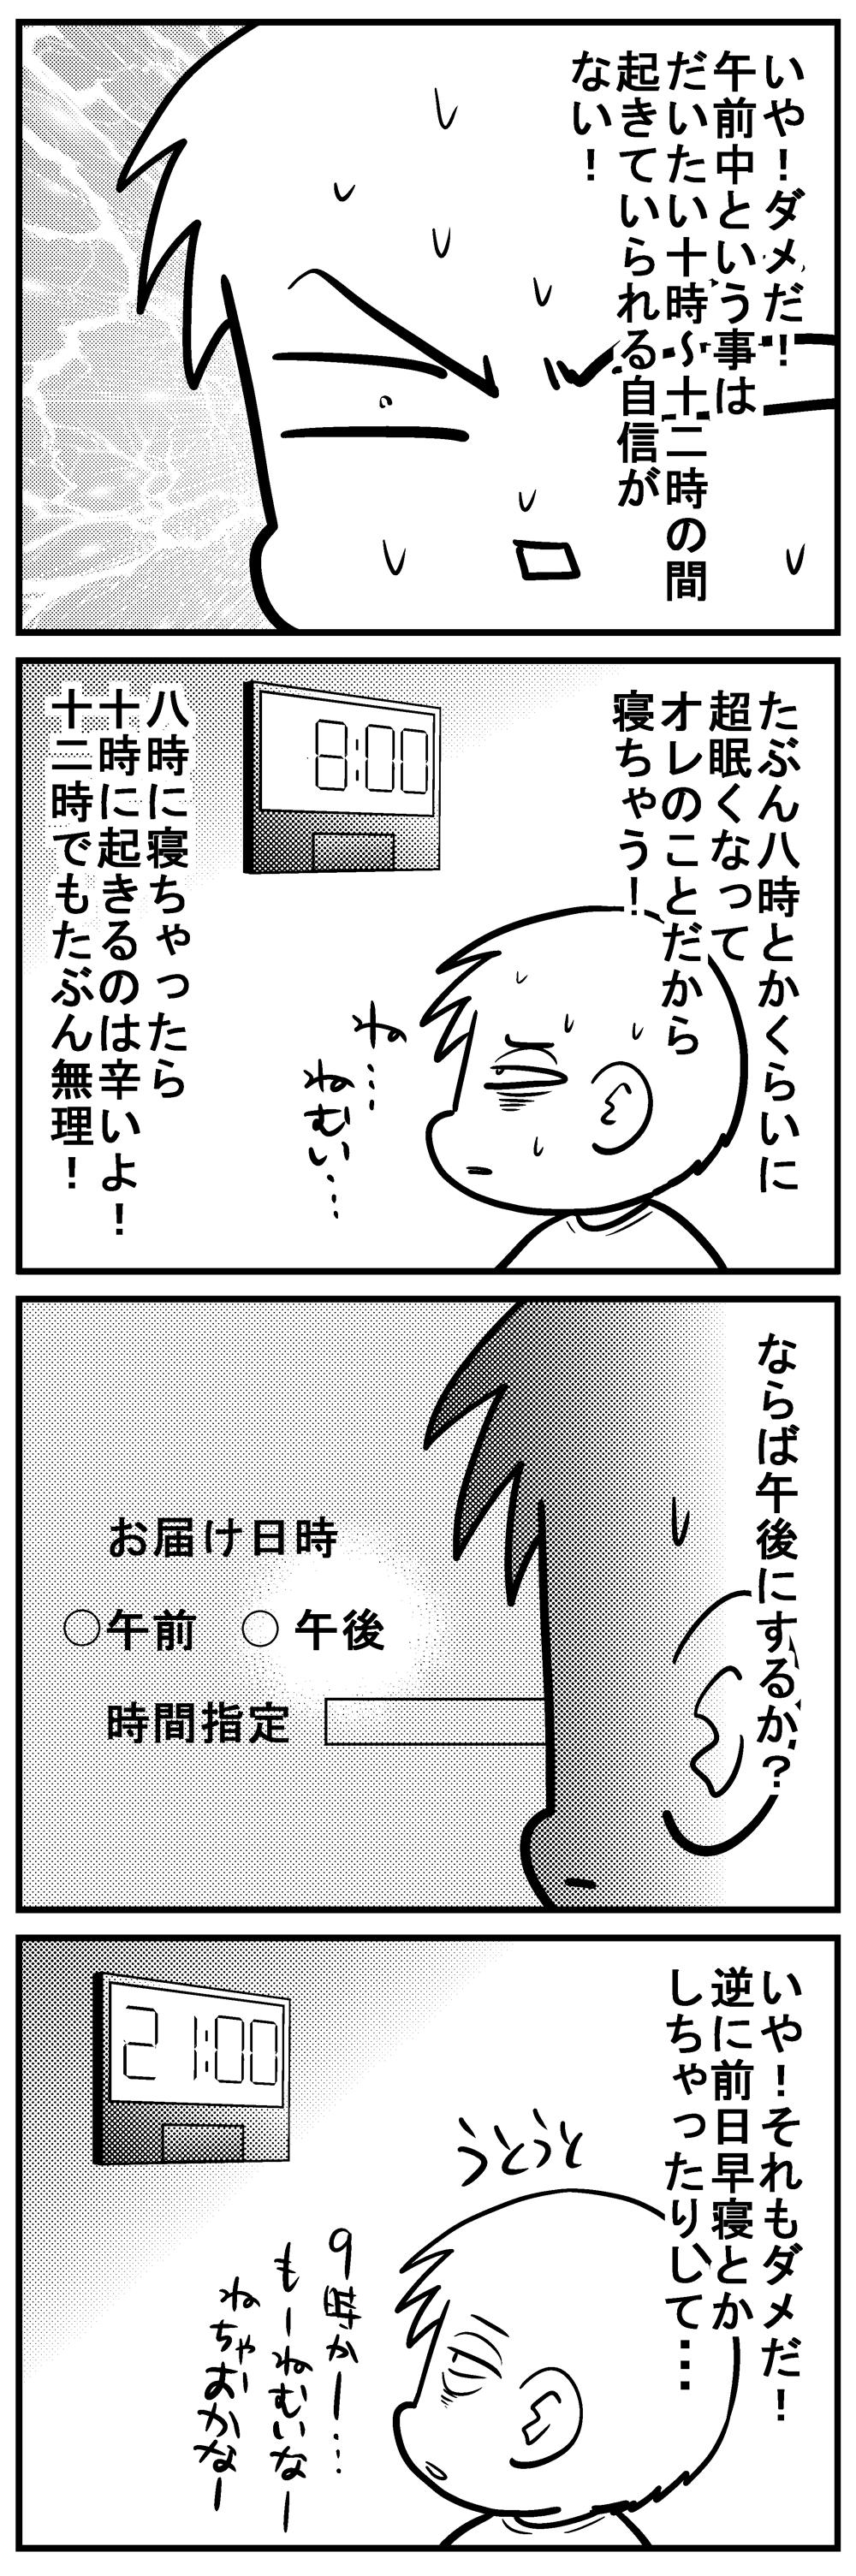 深読みくん128-3